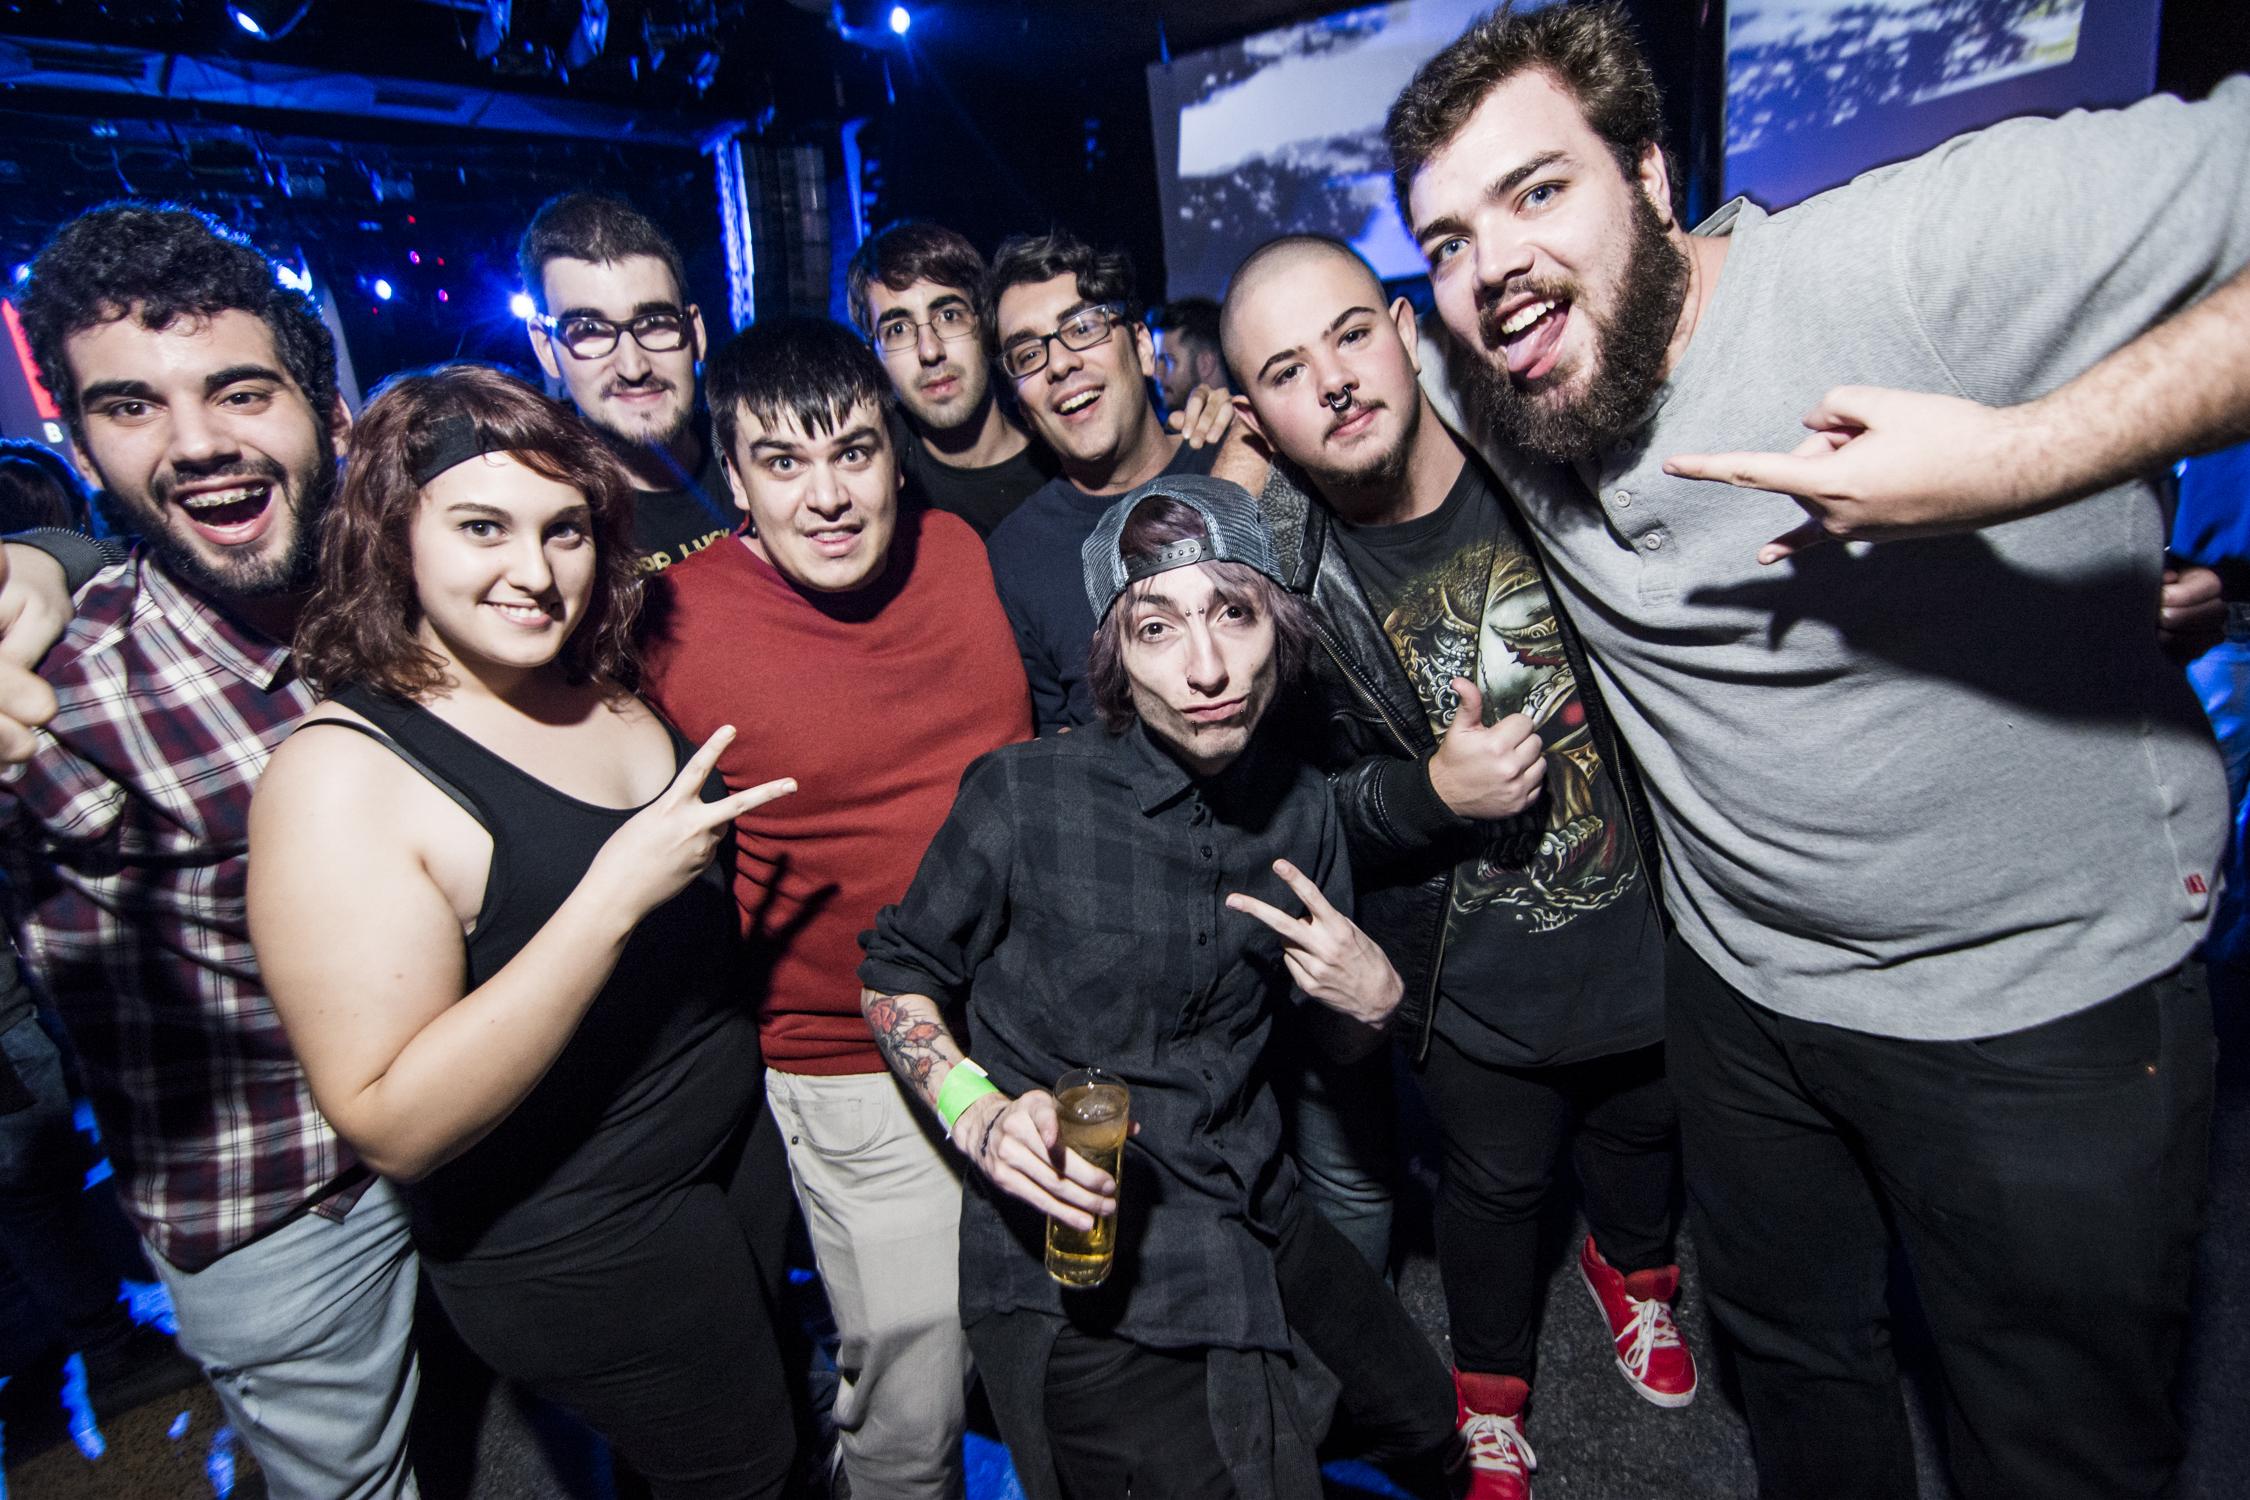 Partyallstar 17